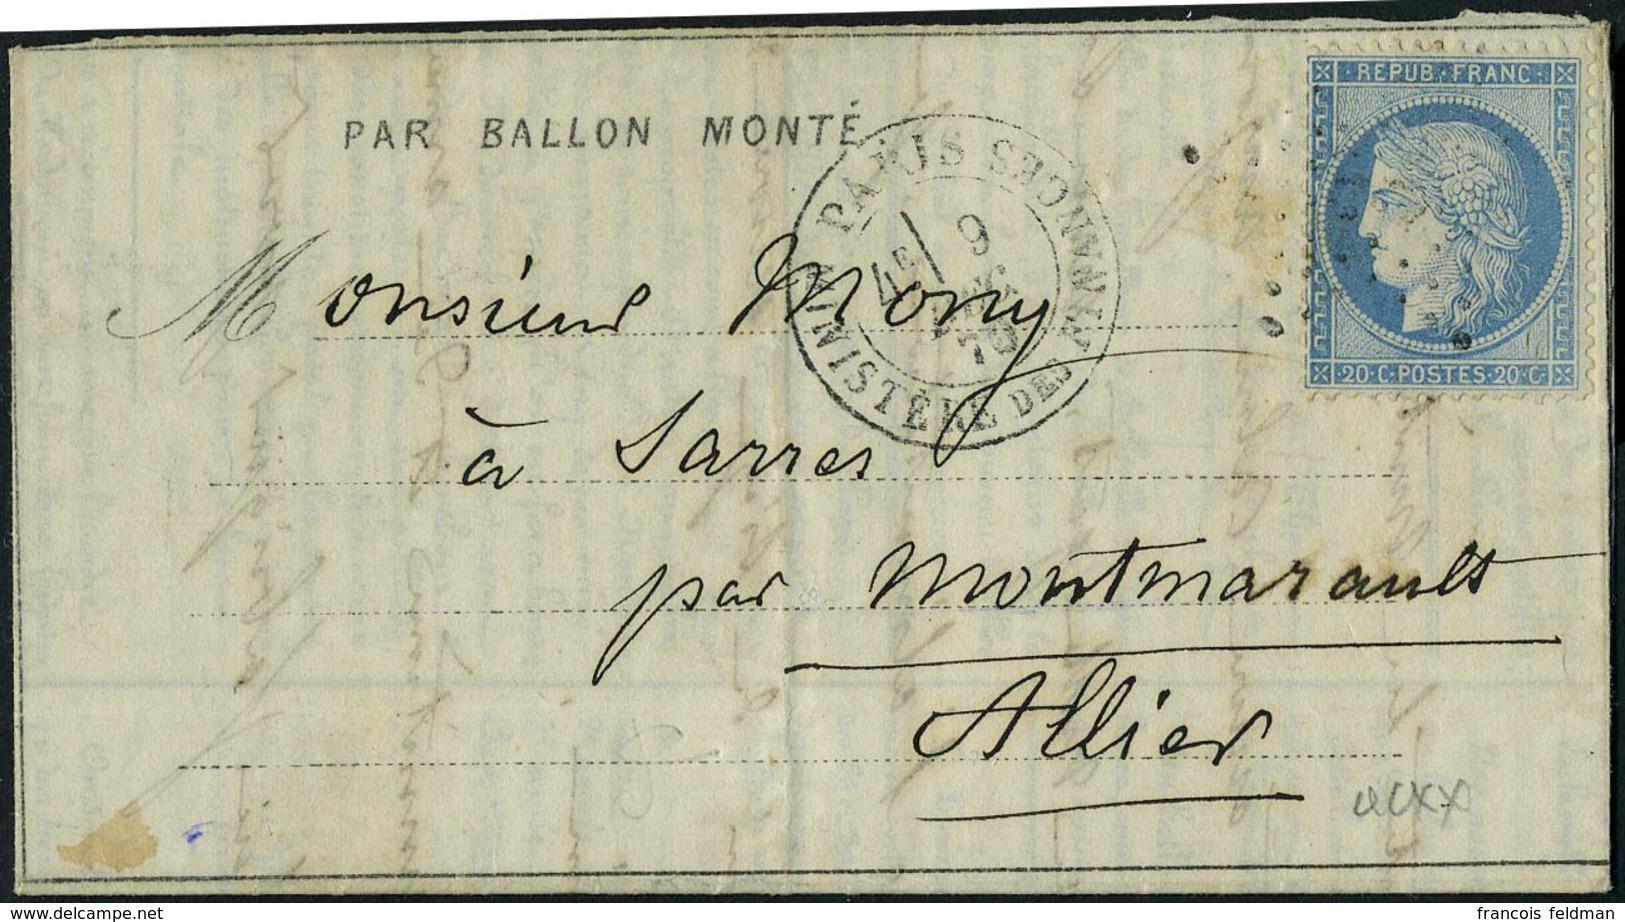 Lettre LE GENERAL RENAULT, Dépêche Ballon N° 13, Départ Paris Ministère Des Finances 9.12.70 4ème Levée Pour Montmarault - Stamps